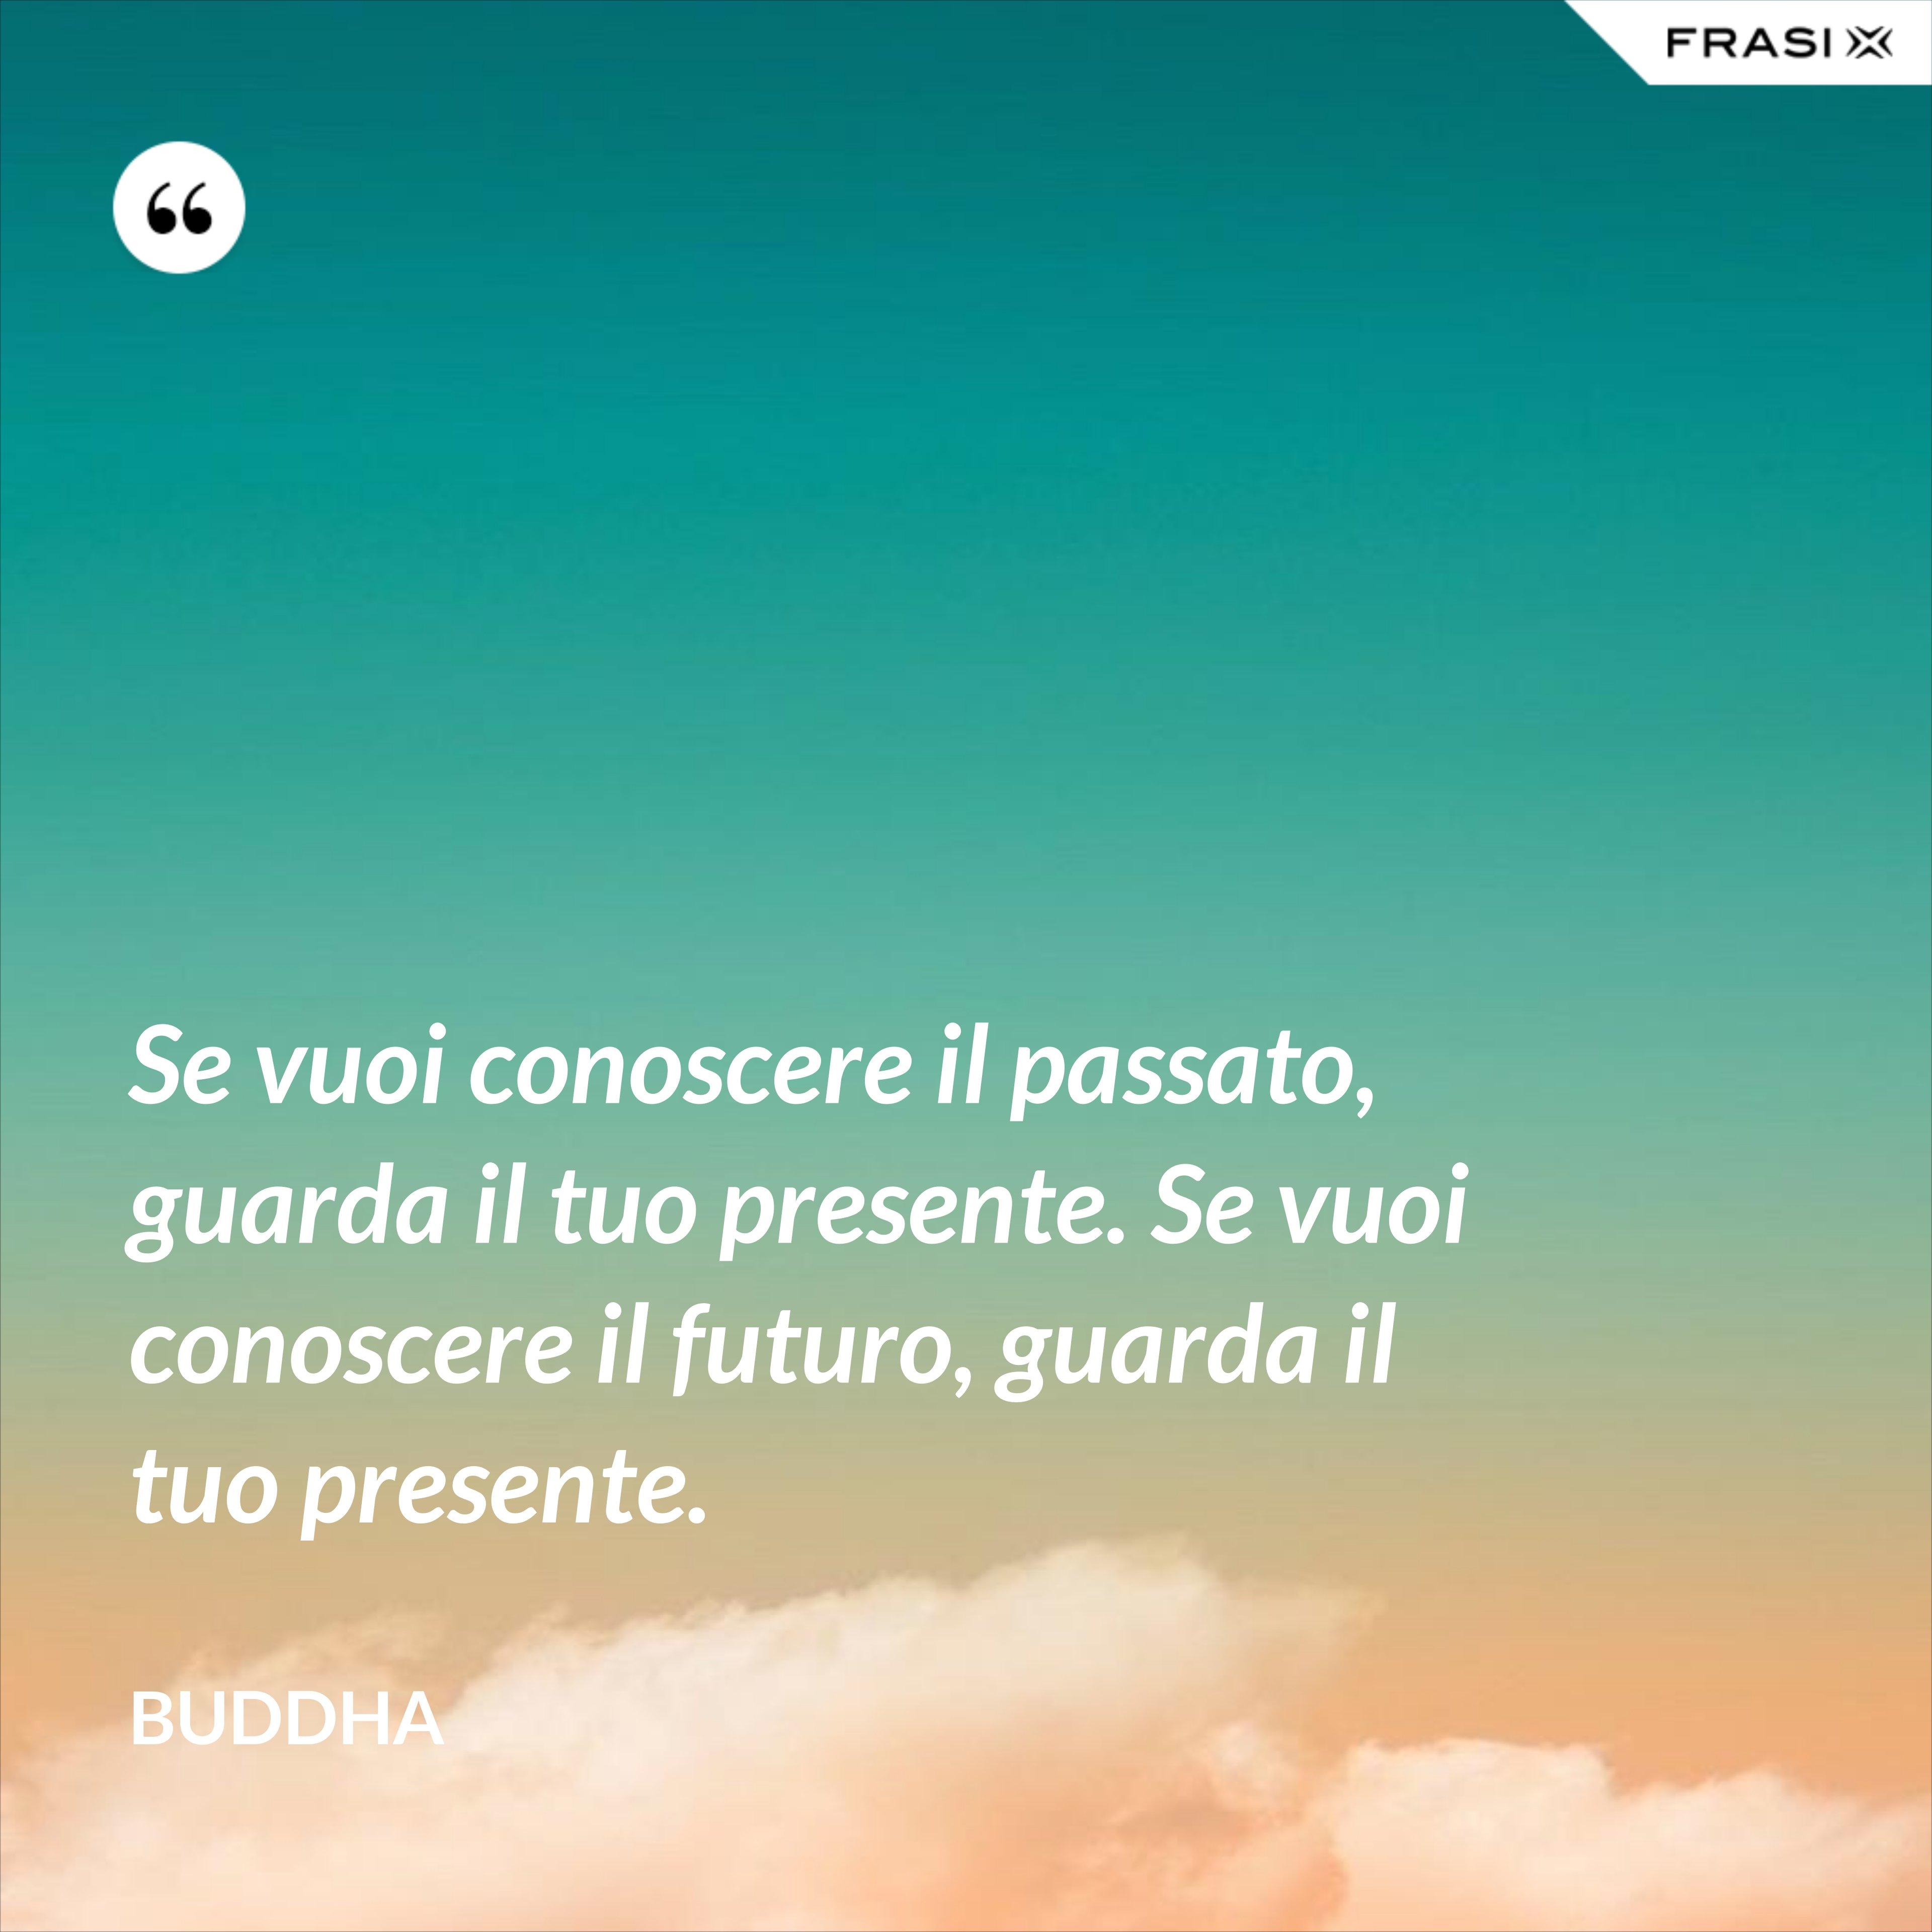 Se vuoi conoscere il passato, guarda il tuo presente. Se vuoi conoscere il futuro, guarda il tuo presente. - Buddha